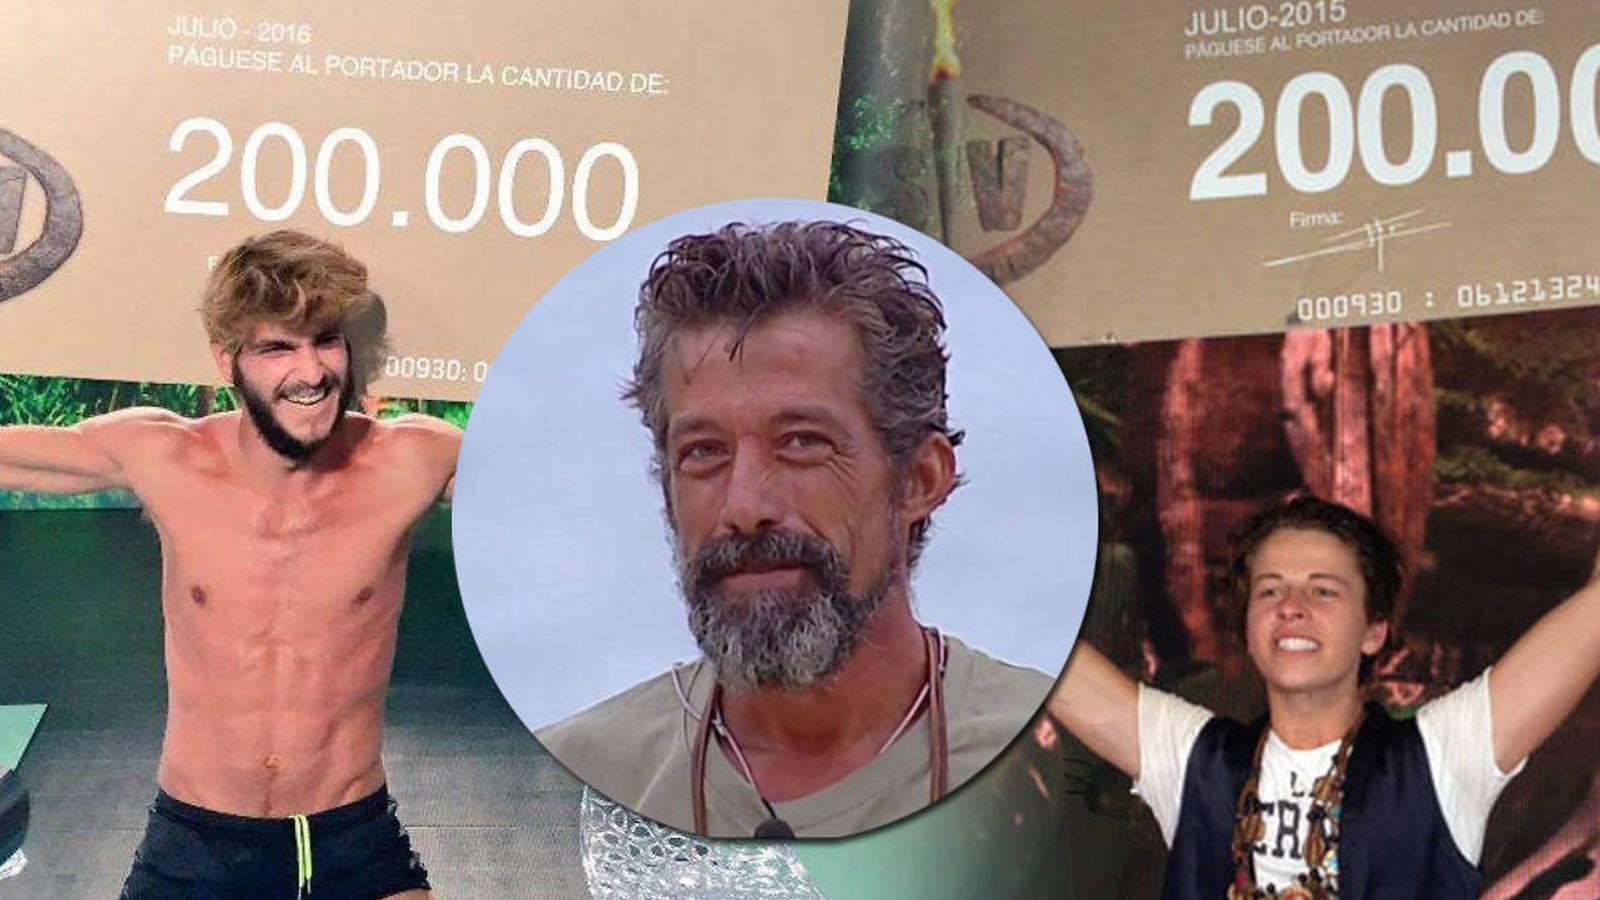 Foto: Los concursantes menos conocidos de 'Supervivientes' se van haciendo con la victoria del concurso. (Mediaset España)